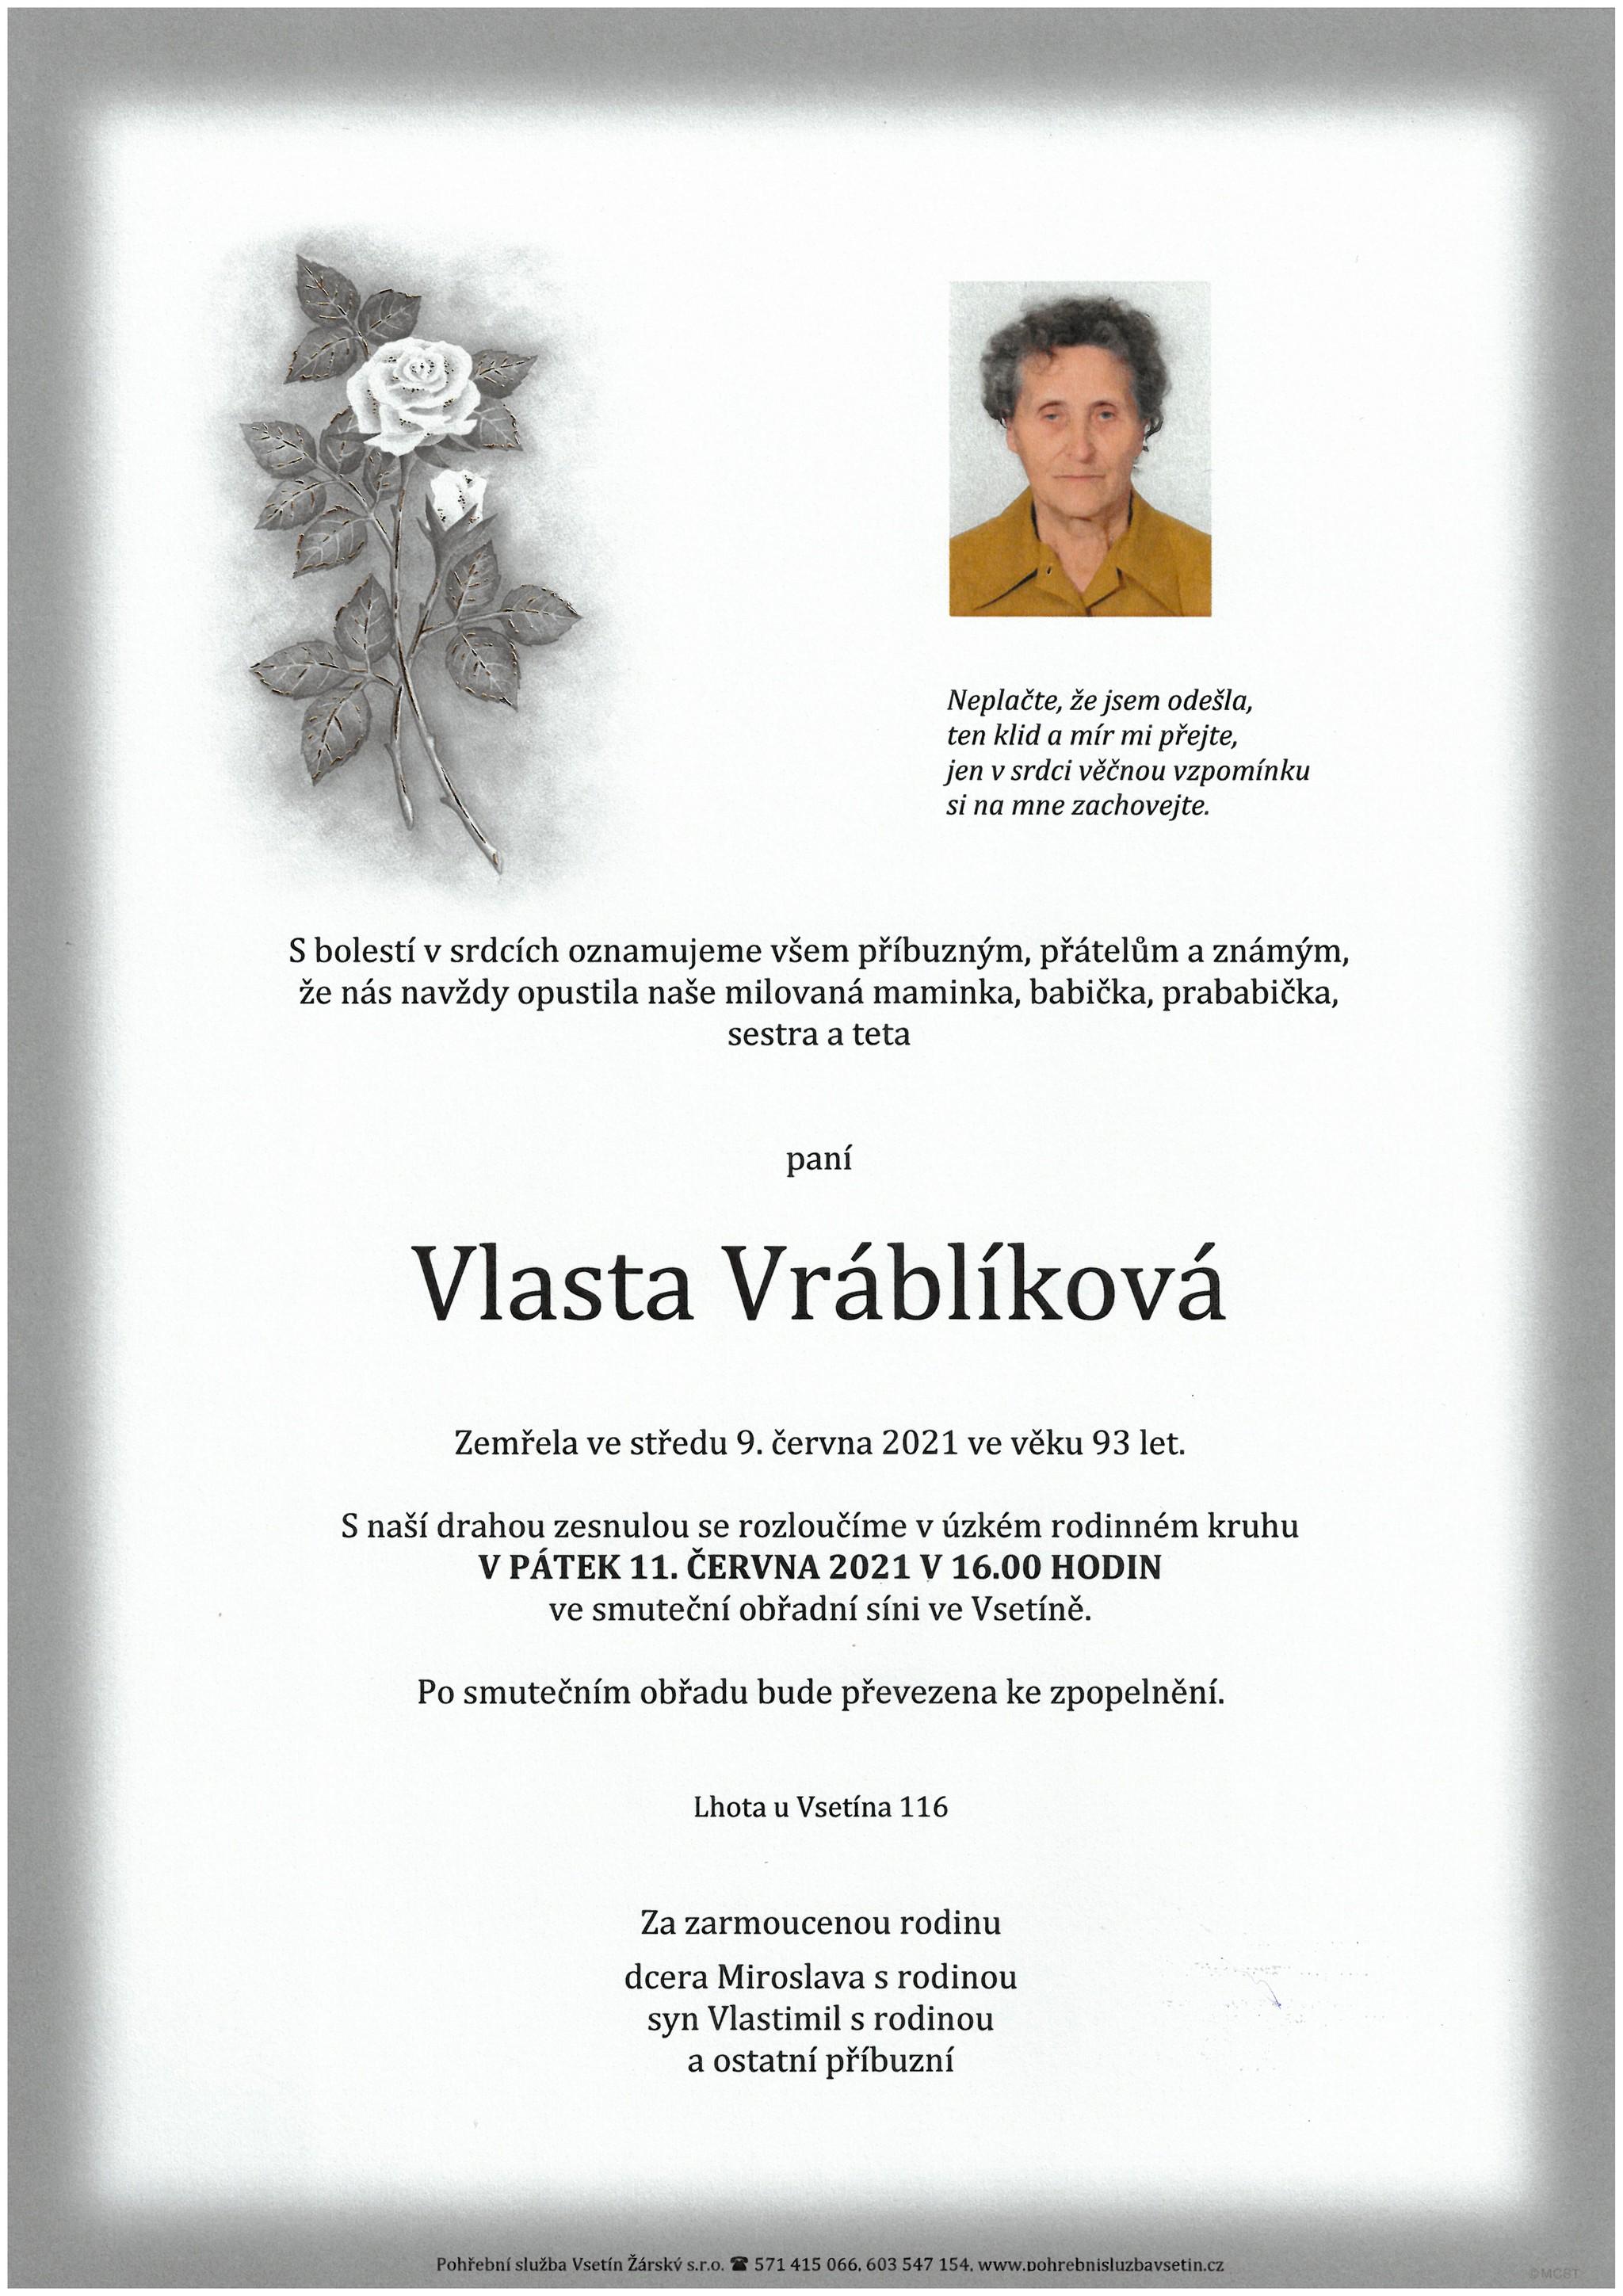 Vlasta Vráblíková